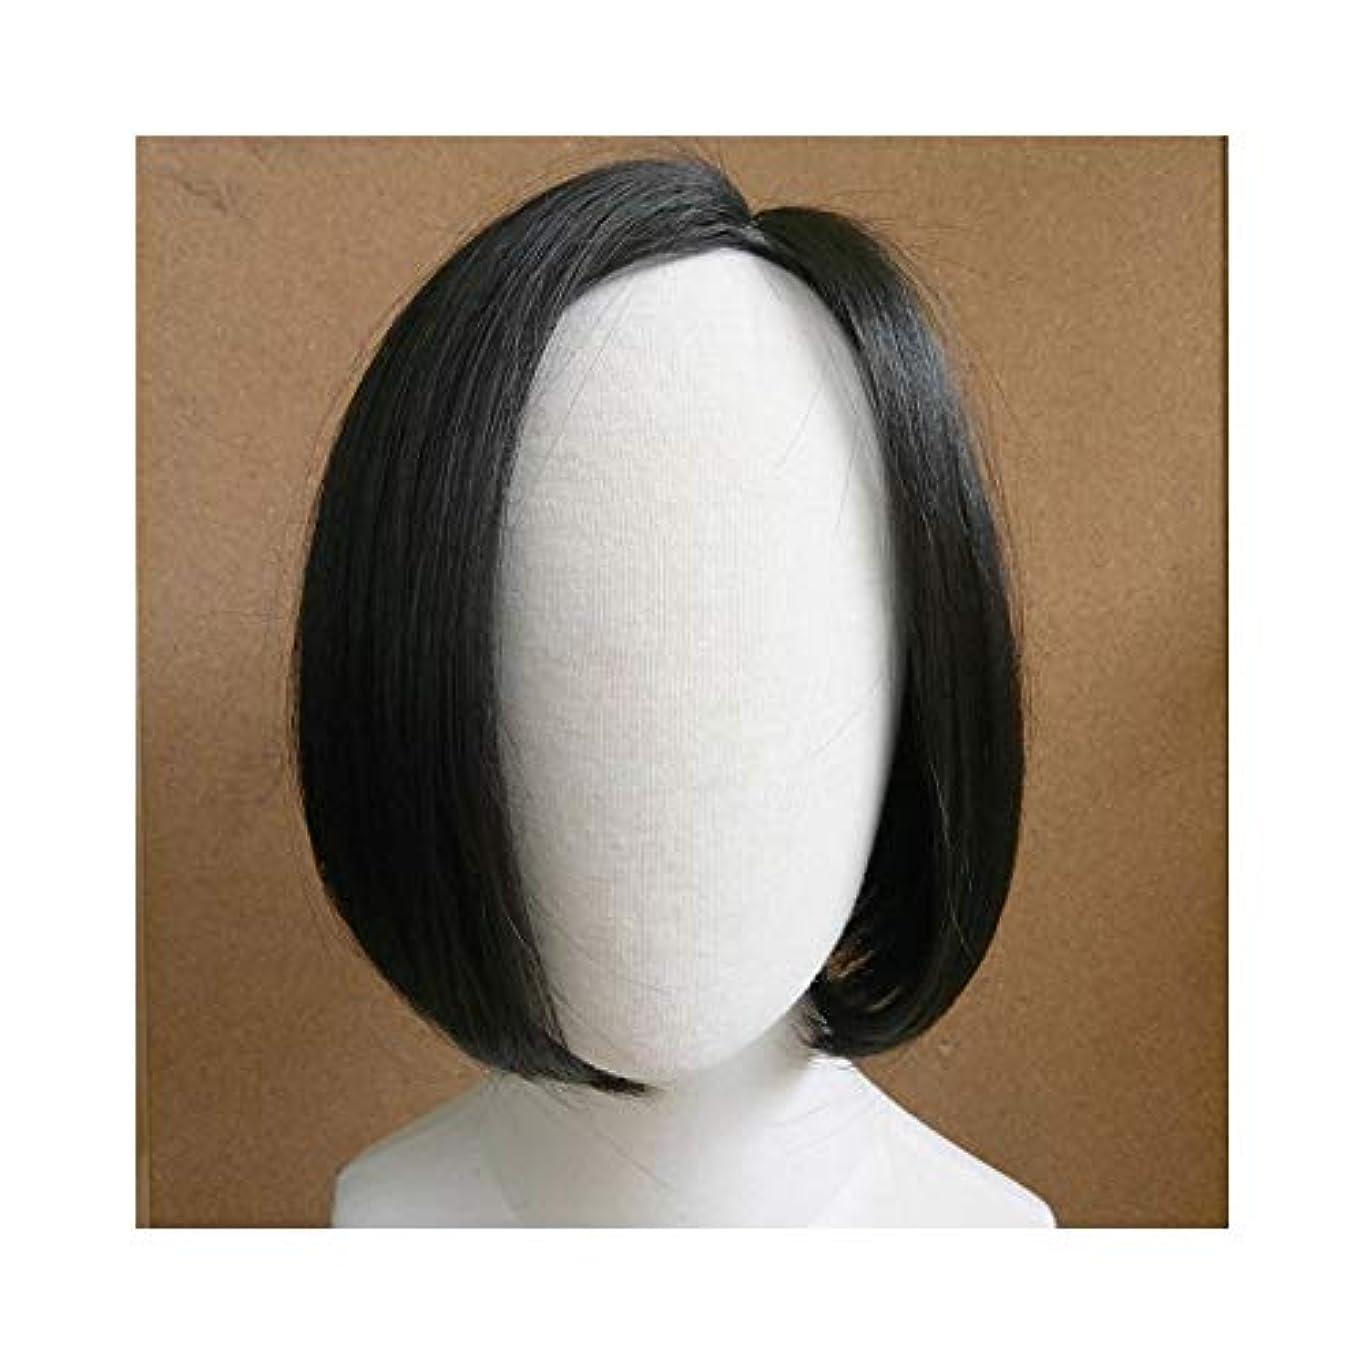 YOUQIU 女性のための純粋な本物の人間の髪の毛ボブショートウィッグ、洗浄し、ウィッグをカールすることができます (色 : Photo Color, サイズ : 20 inches)